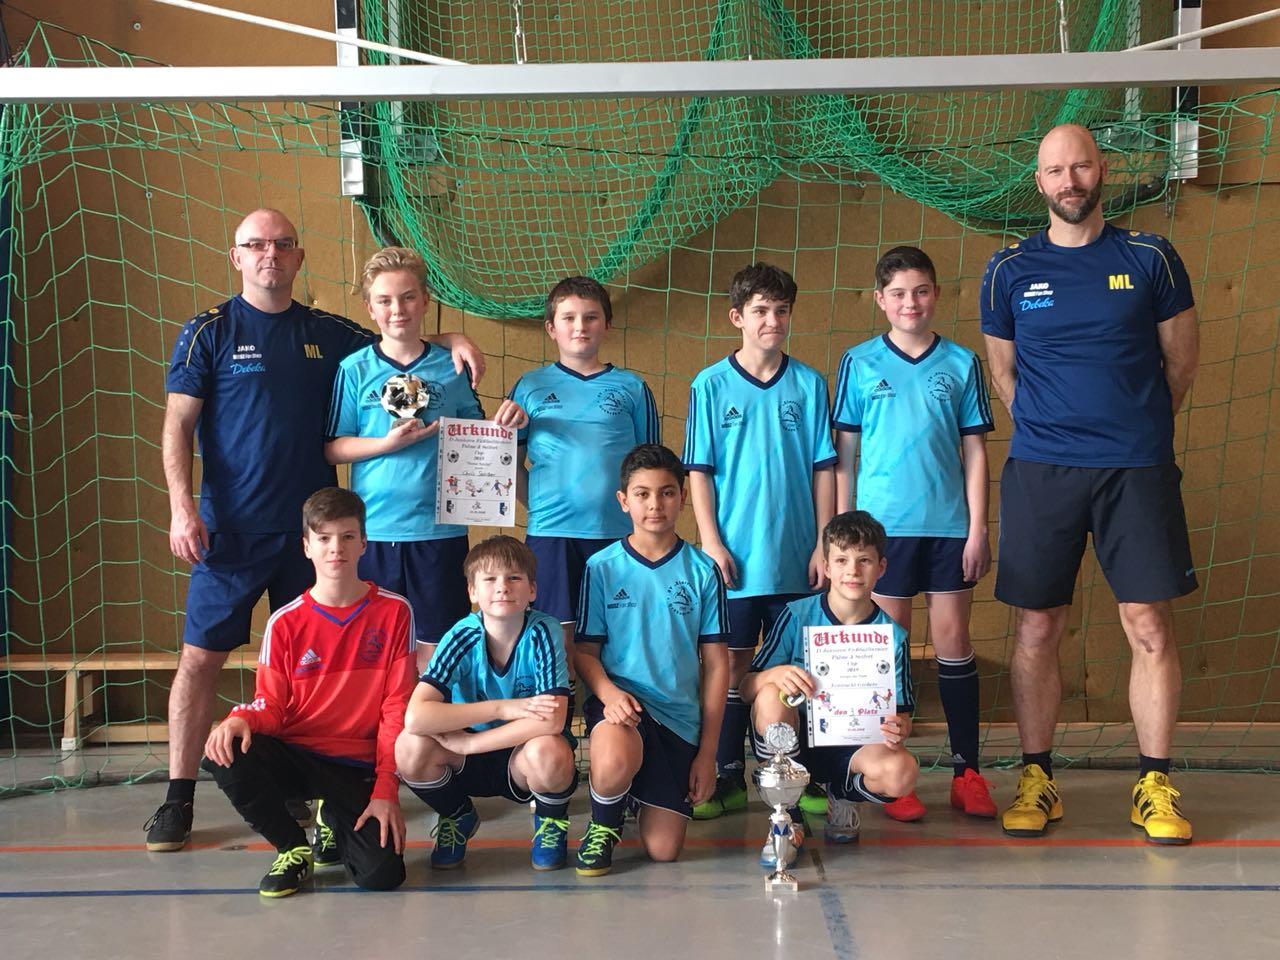 D-Jugend: Palme & Seifert Cup des TSV Leuna